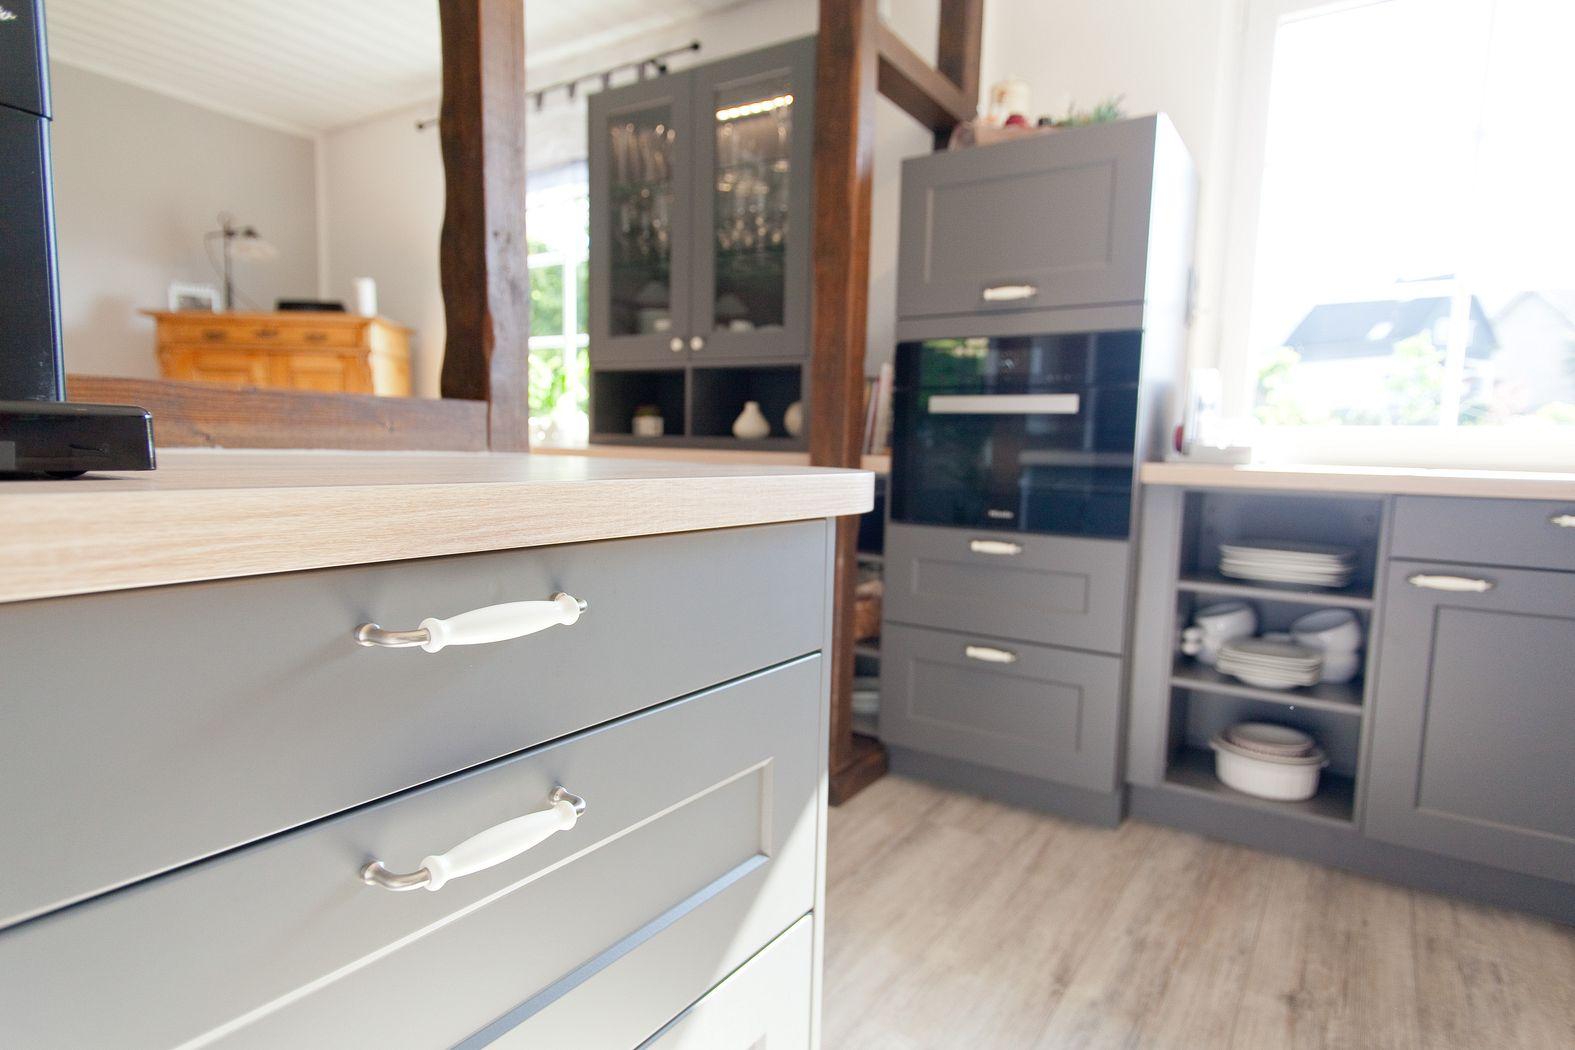 Holzmöbel modern  Landhausküchen im modernen Wohnumfeld ✓ Küchenhaus Thiemann ⇒